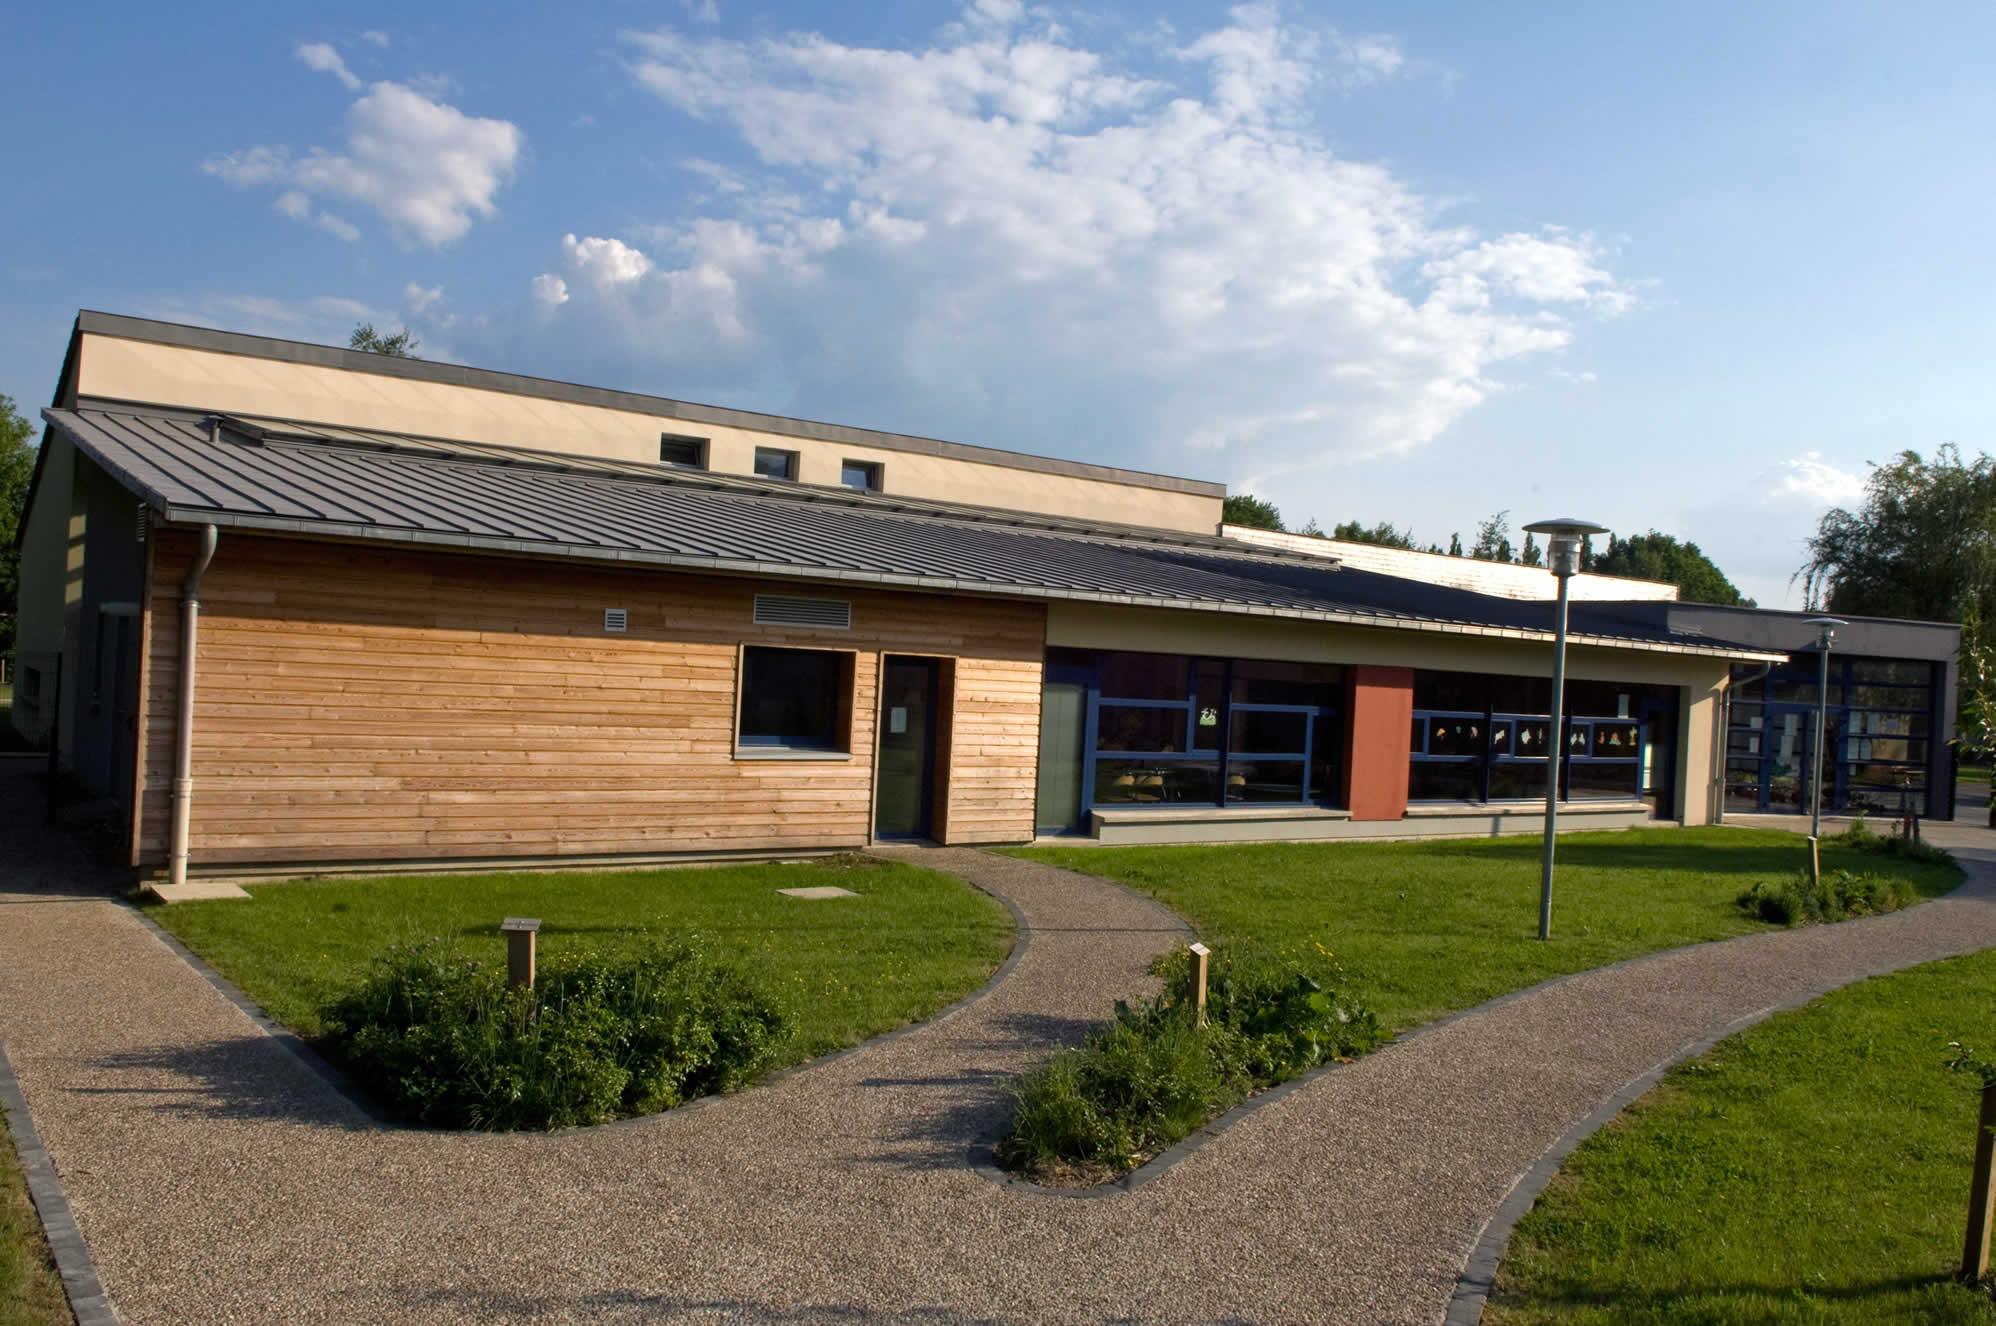 Pôle scolaire de Tournes - AMA Architectes